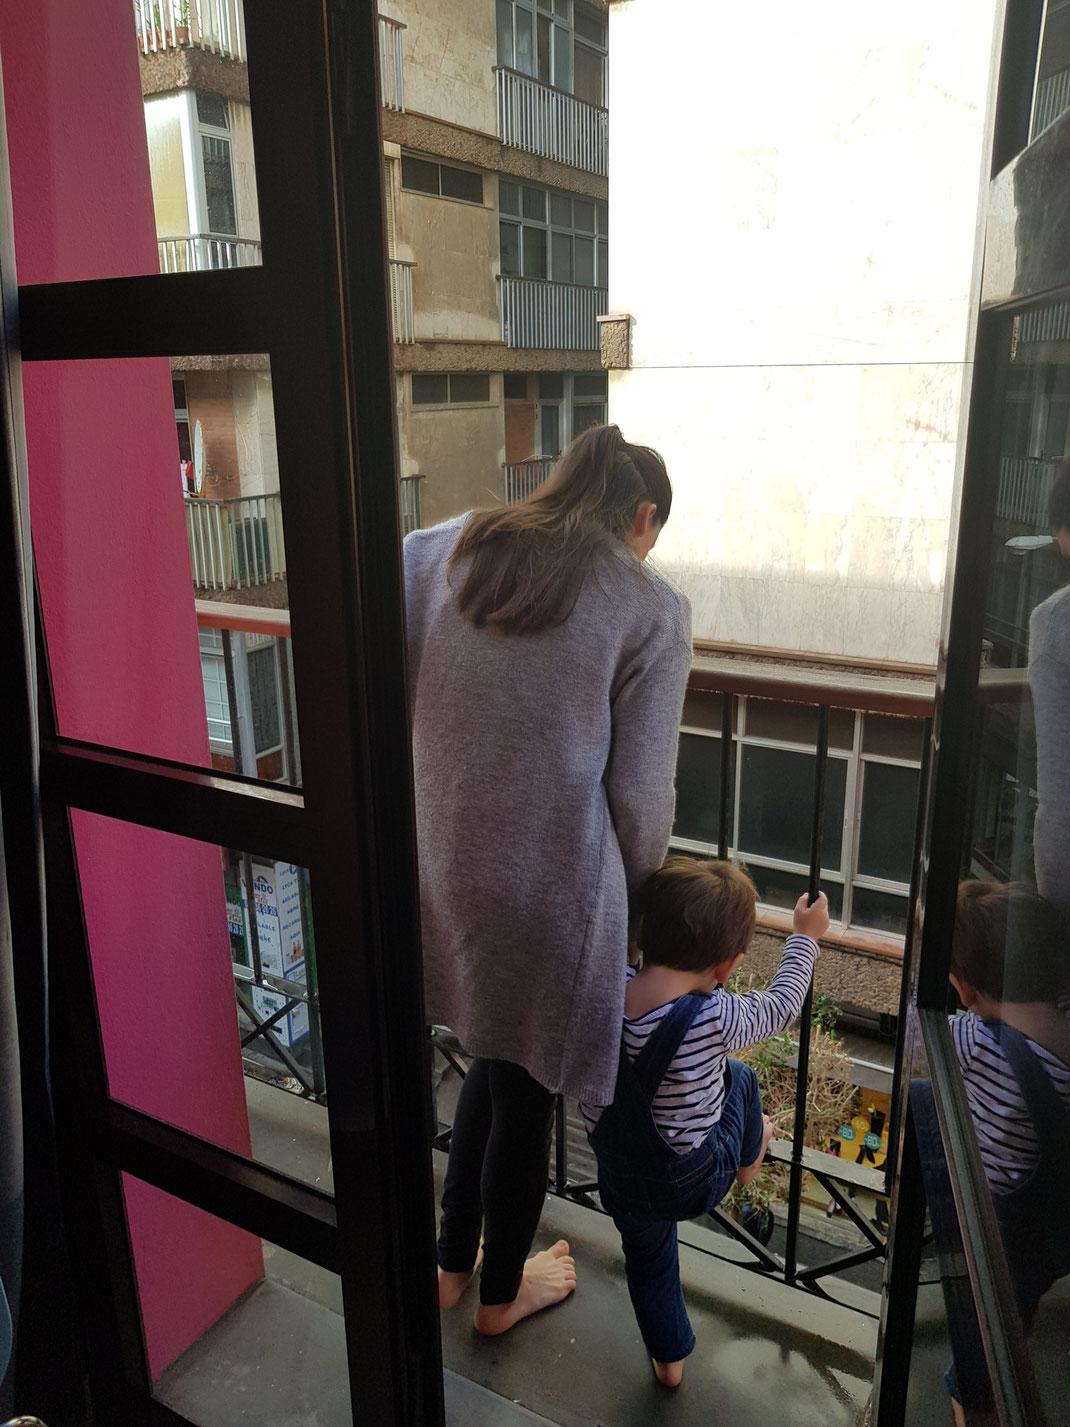 Günstige Unterkunft mit Kleinkind Gran Canaria